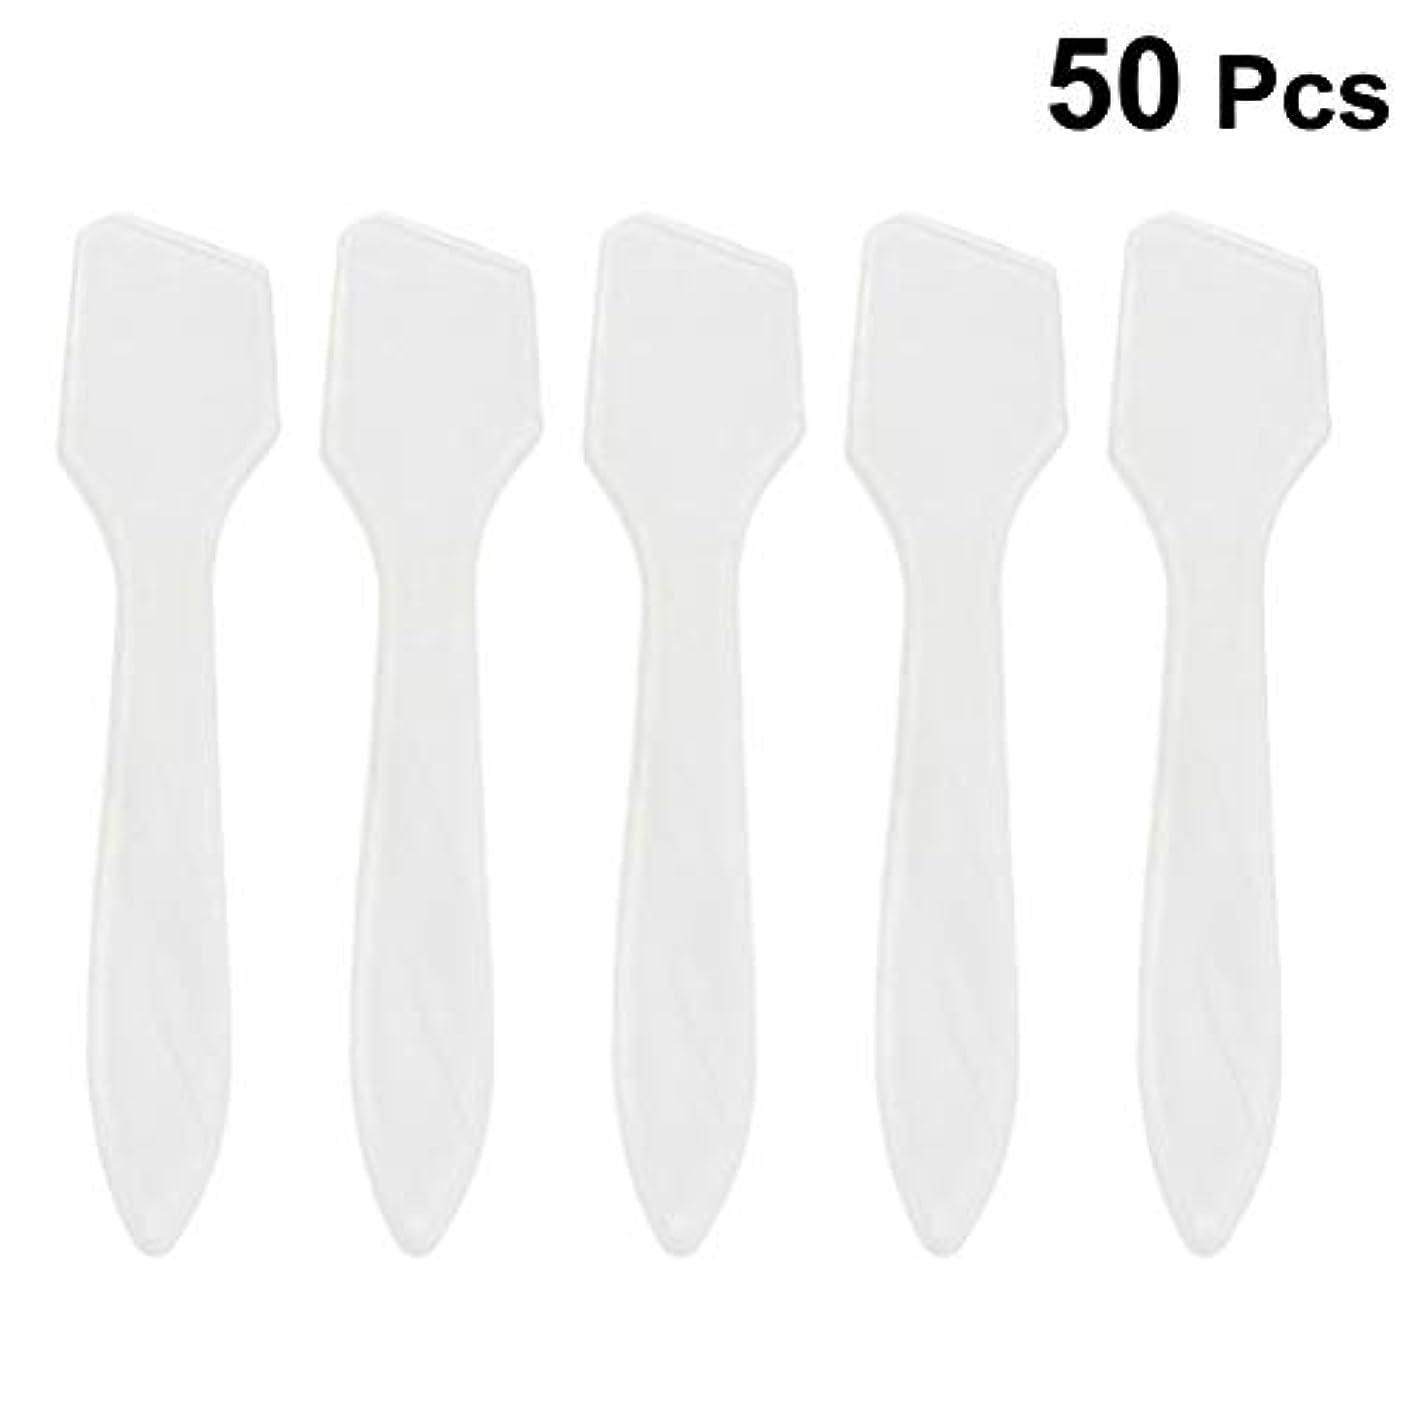 改修パッケージ製品SUPVOX 50ピース化粧品スキンケアフェイスクリームマスク混合ヘラアプリケータツール